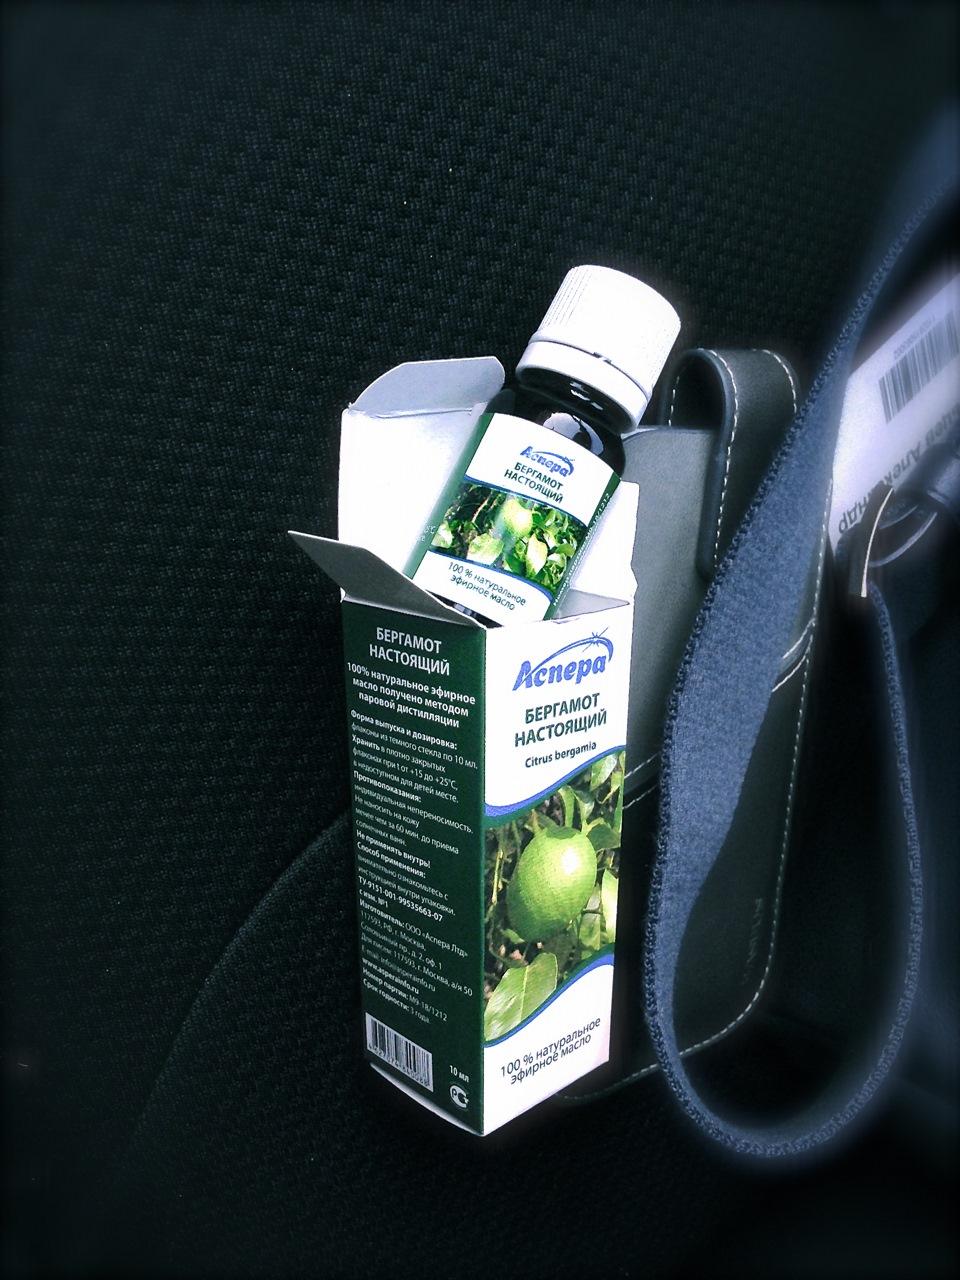 Как сделать чтобы в машине вкусно пахло